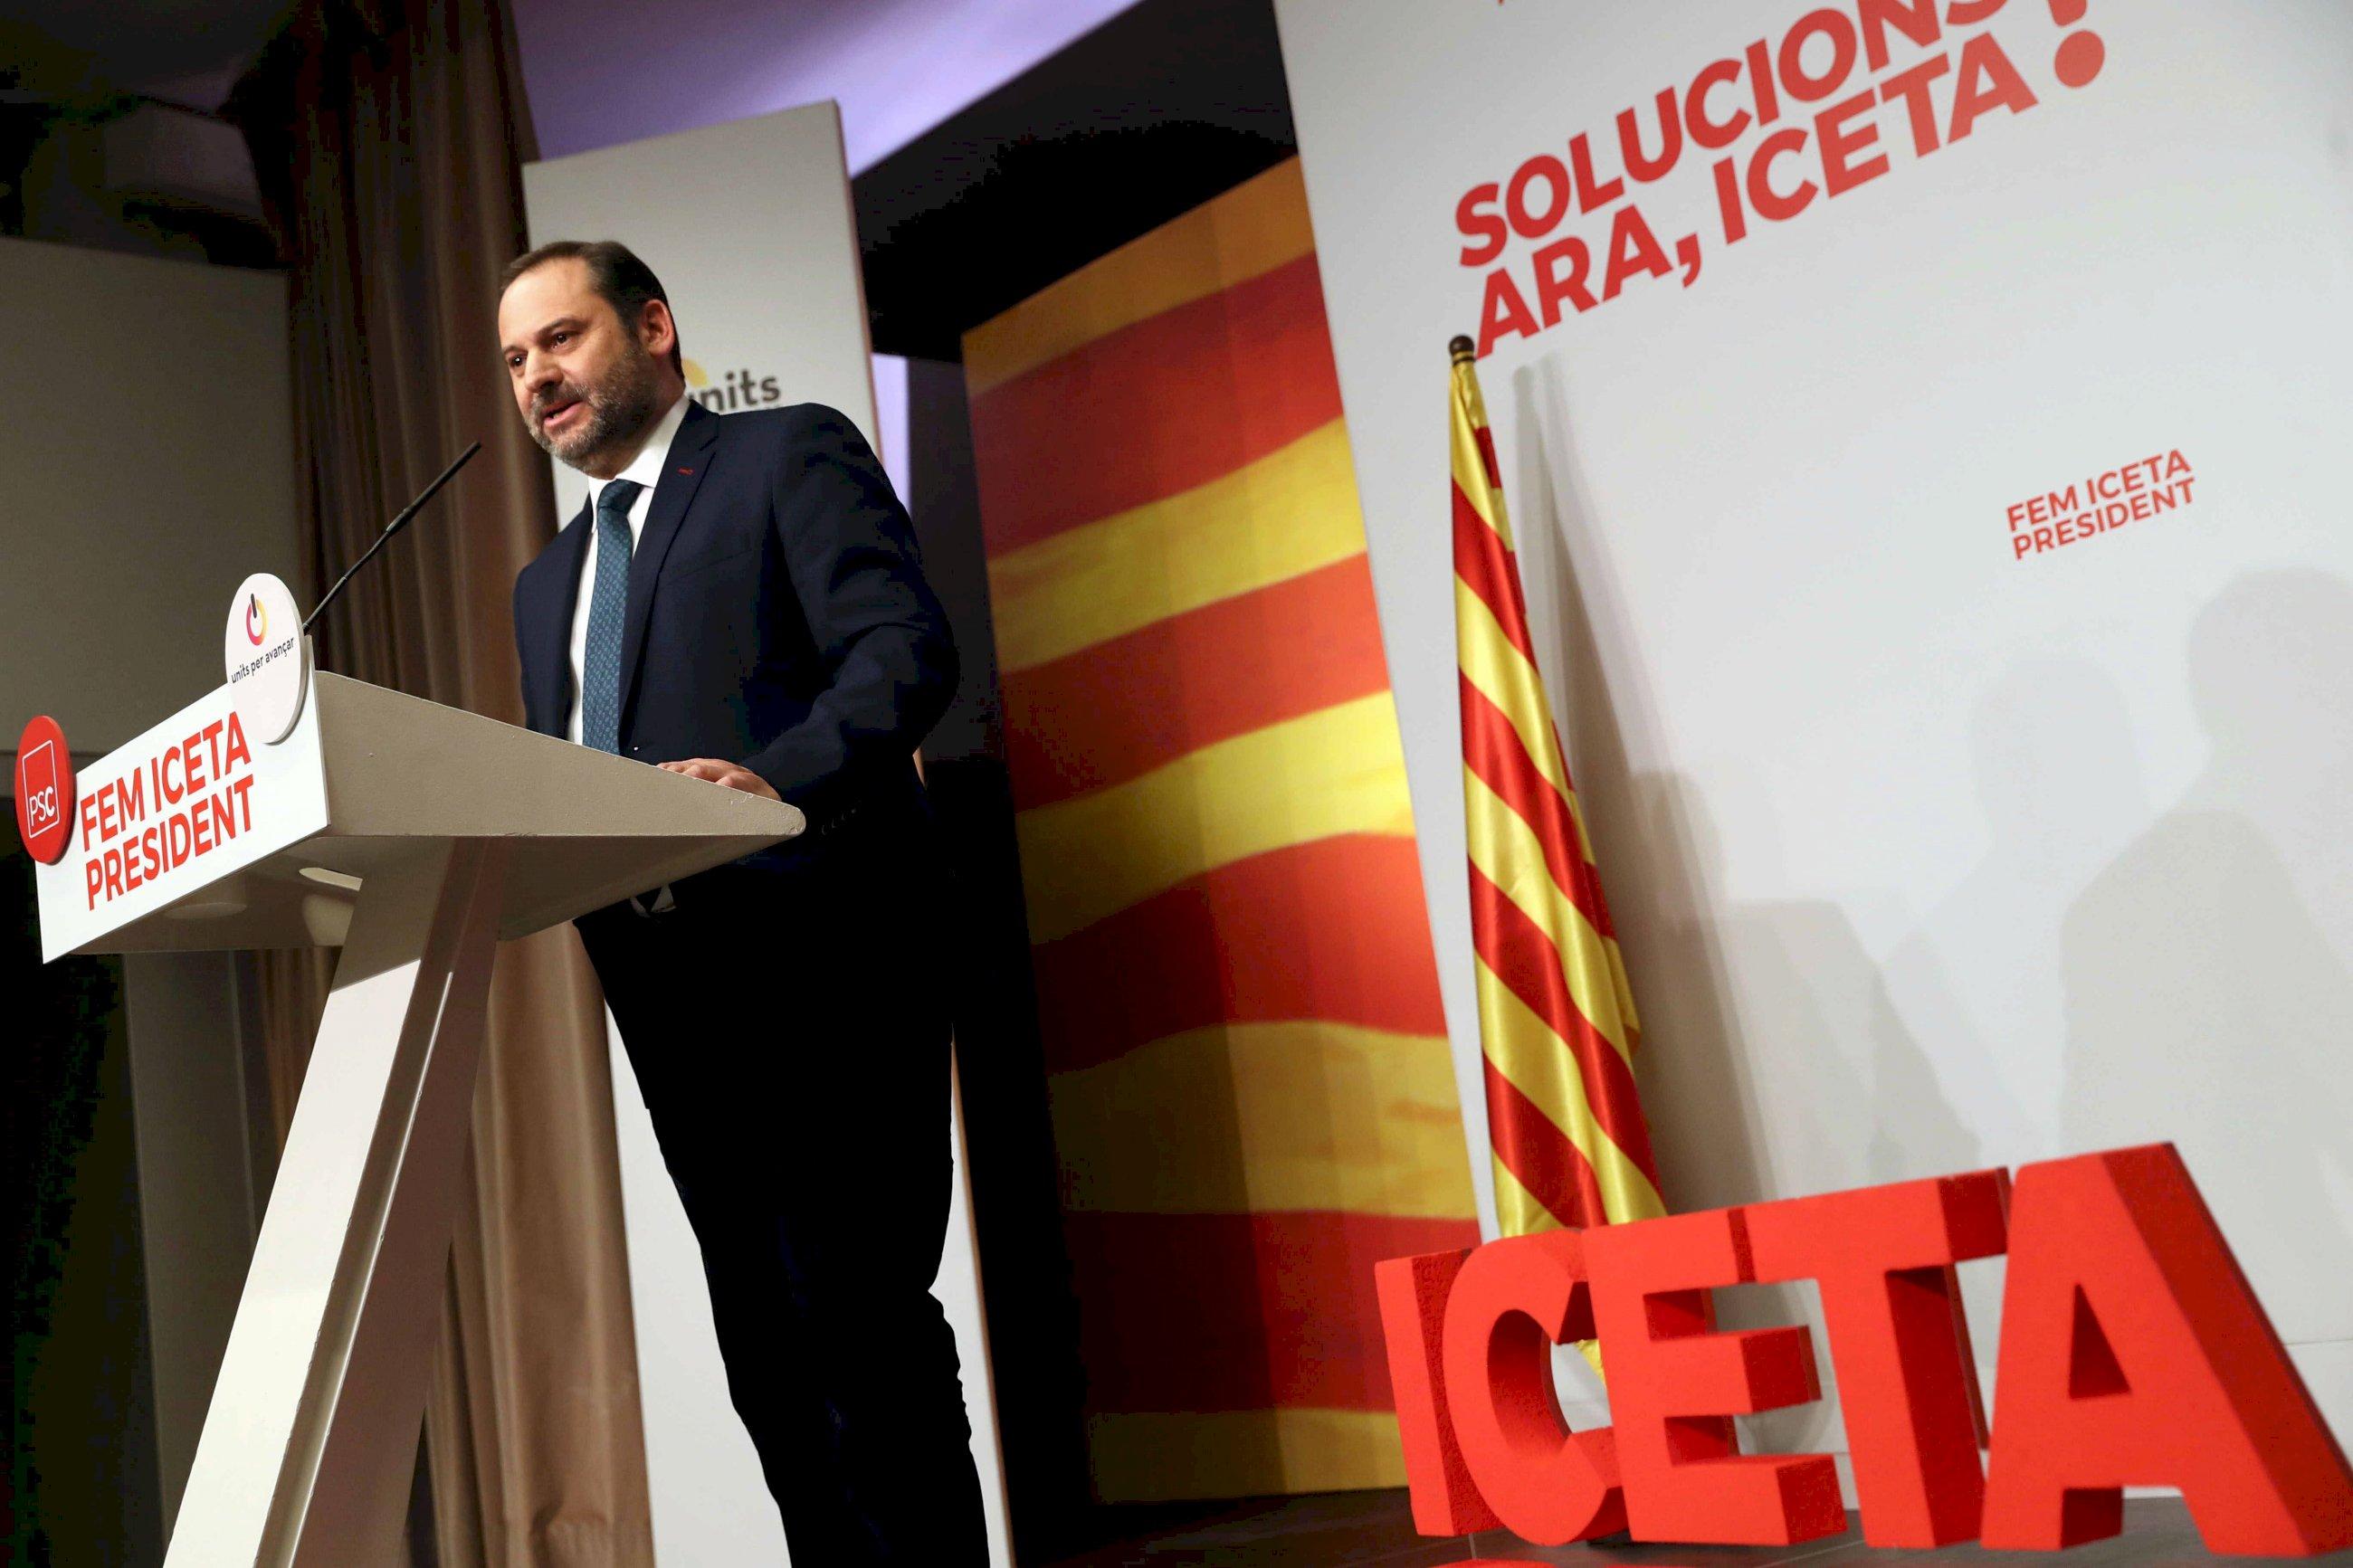 El PSOE critica la ocurrencia de Iceta de ofrecer indultos en Cataluña